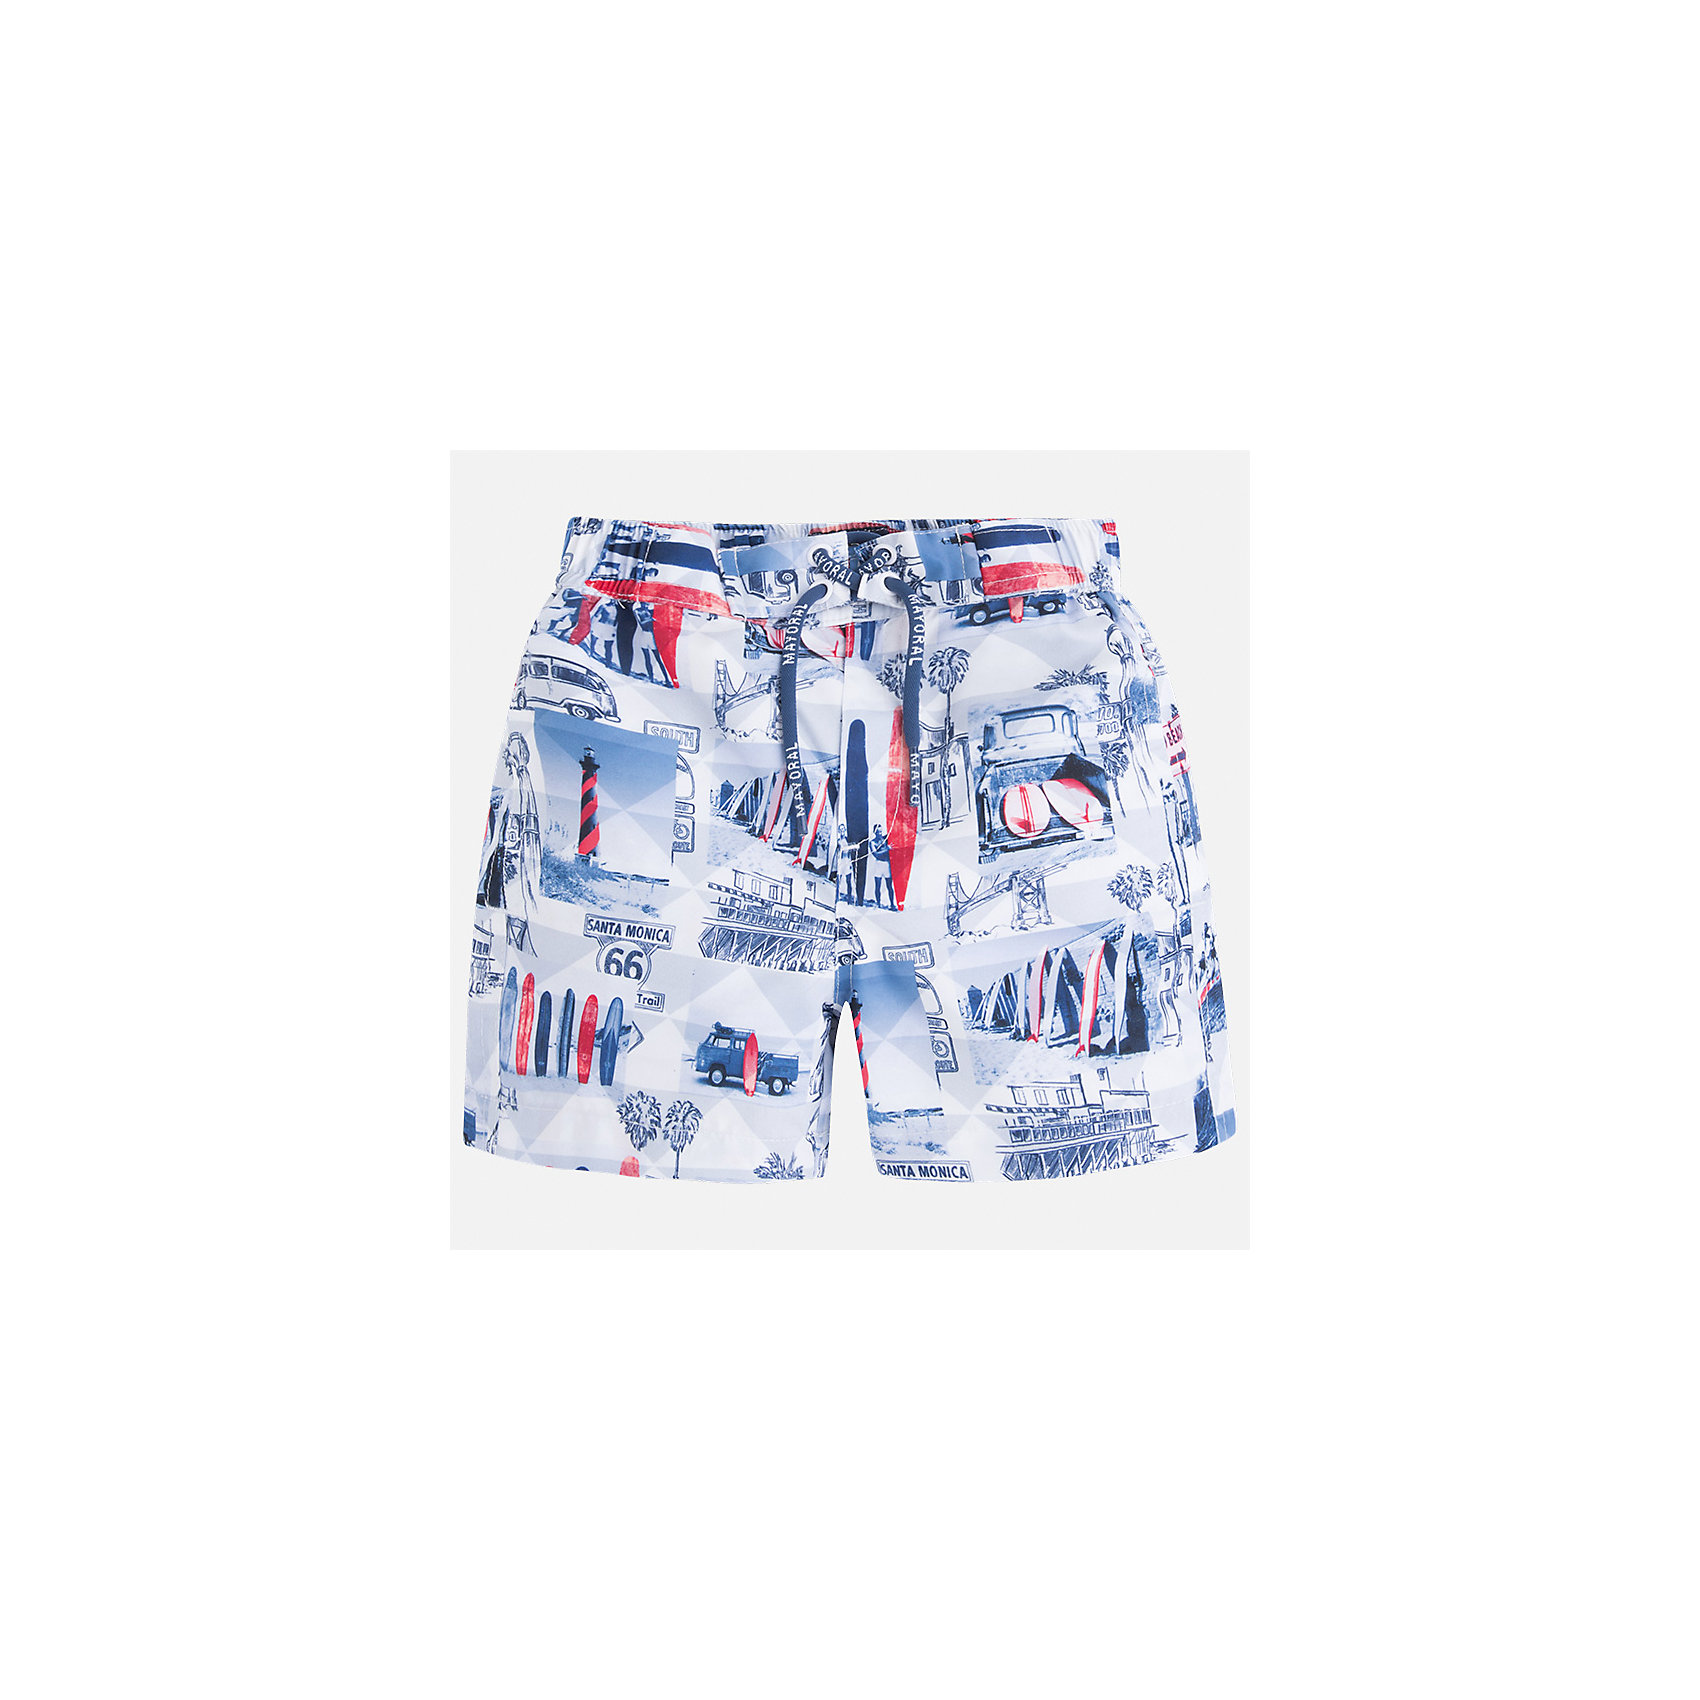 Шорты-плавки для мальчика MayoralКупальники и плавки<br>Характеристики товара:<br><br>• цвет: мультиколор<br>• состав: 100% полиэстер, подкладка - 100% полиэстер<br>• принт на ткани<br>• пояс со шнурком<br>• с подкладкой<br>• быстросохнущий материал<br>• страна бренда: Испания<br><br>Одежда для купания должна быть удобной! Эти плавательные шорты для мальчика не только хорошо сидят на ребенке, не стесняя движения и не натирая, они отлично смотрятся! Сшиты они из плотной ткани, но она очень быстро высыхает. Интересная расцветка модели делает её нарядной и оригинальной. <br><br>Одежда, обувь и аксессуары от испанского бренда Mayoral полюбились детям и взрослым по всему миру. Модели этой марки - стильные и удобные. Для их производства используются только безопасные, качественные материалы и фурнитура. Порадуйте ребенка модными и красивыми вещами от Mayoral! <br><br>Плавки для мальчика от испанского бренда Mayoral (Майорал) можно купить в нашем интернет-магазине.<br><br>Ширина мм: 183<br>Глубина мм: 60<br>Высота мм: 135<br>Вес г: 119<br>Цвет: белый<br>Возраст от месяцев: 18<br>Возраст до месяцев: 24<br>Пол: Мужской<br>Возраст: Детский<br>Размер: 92,98,134,128,122,116,110,104<br>SKU: 5281117